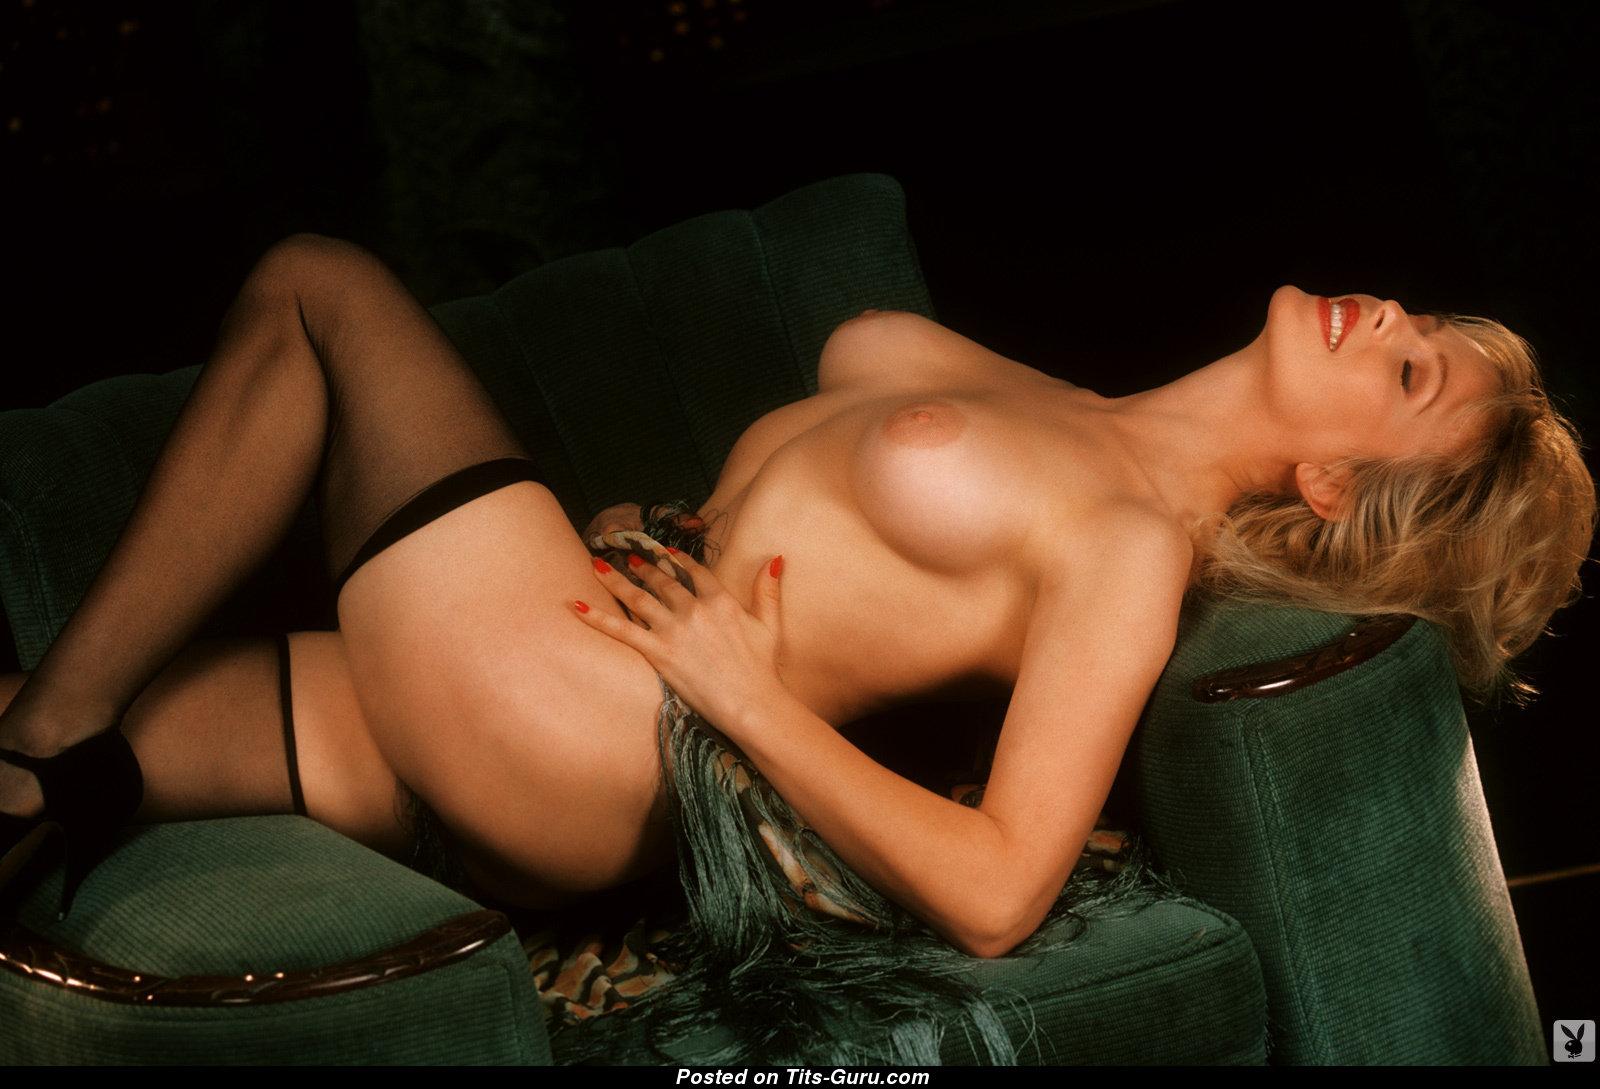 Lillian muller nude